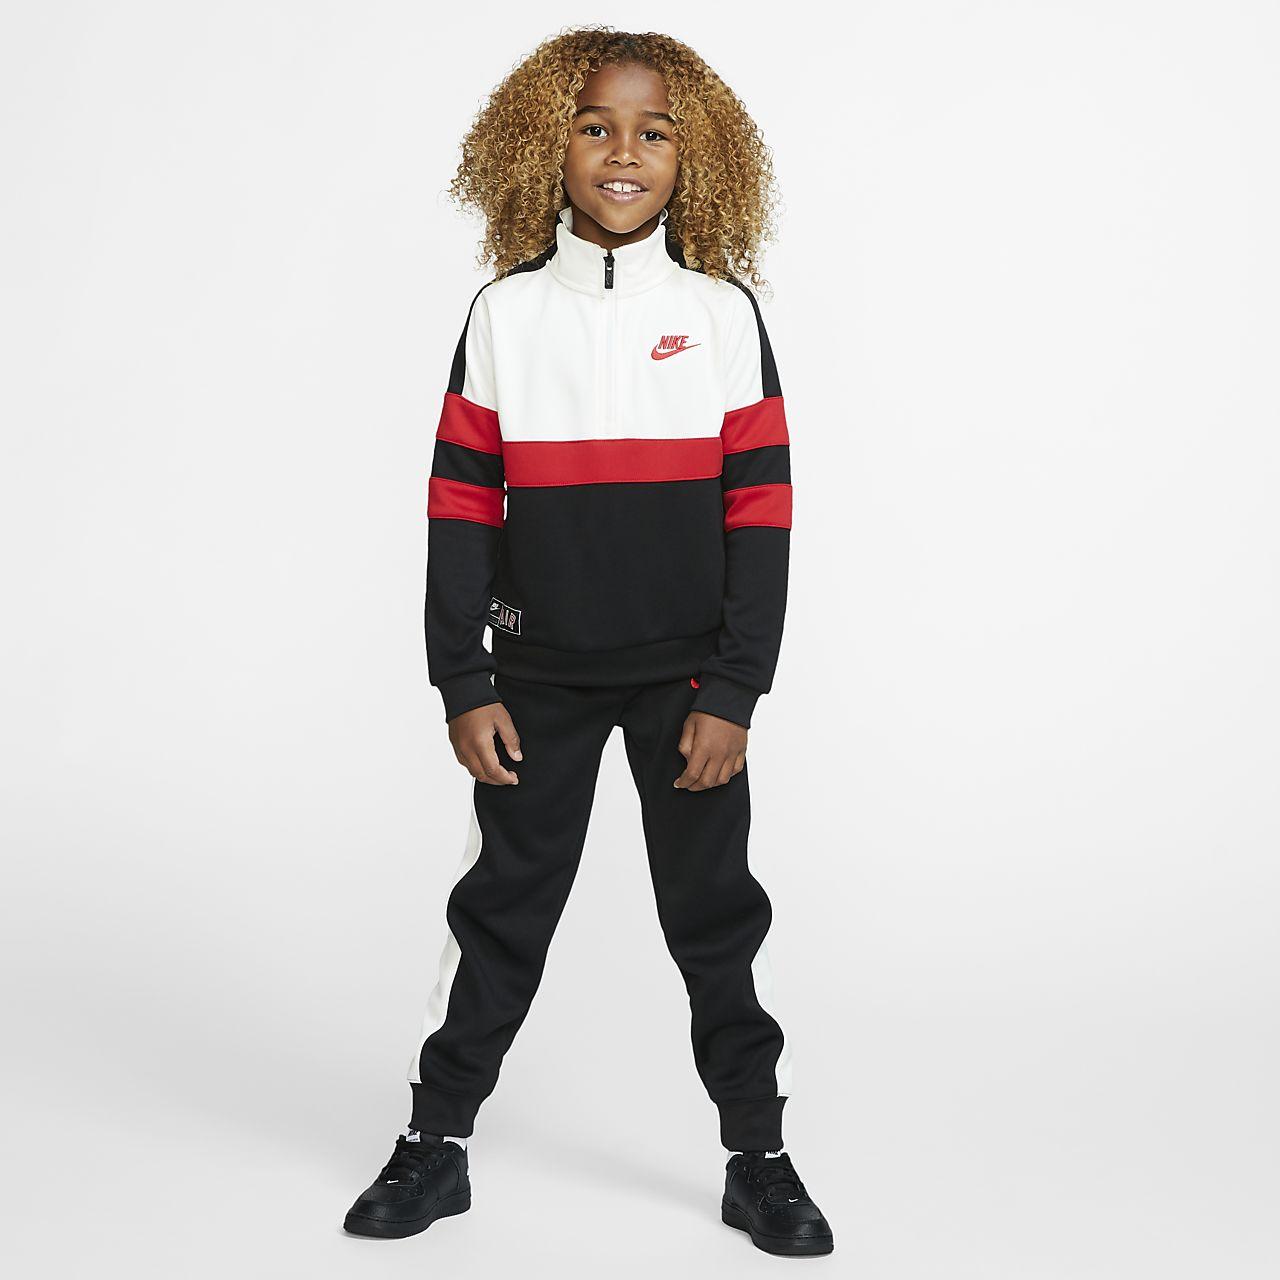 db6a24659e5e9 jamais porté,Vêtements garçons (0-24 mois) Nike Air Jordan de la Jumpan  Collection Bébé-Garçon 3 Pièce Tenue Ensemble Cadeau Ensembles,Brand  : Nike:  ...